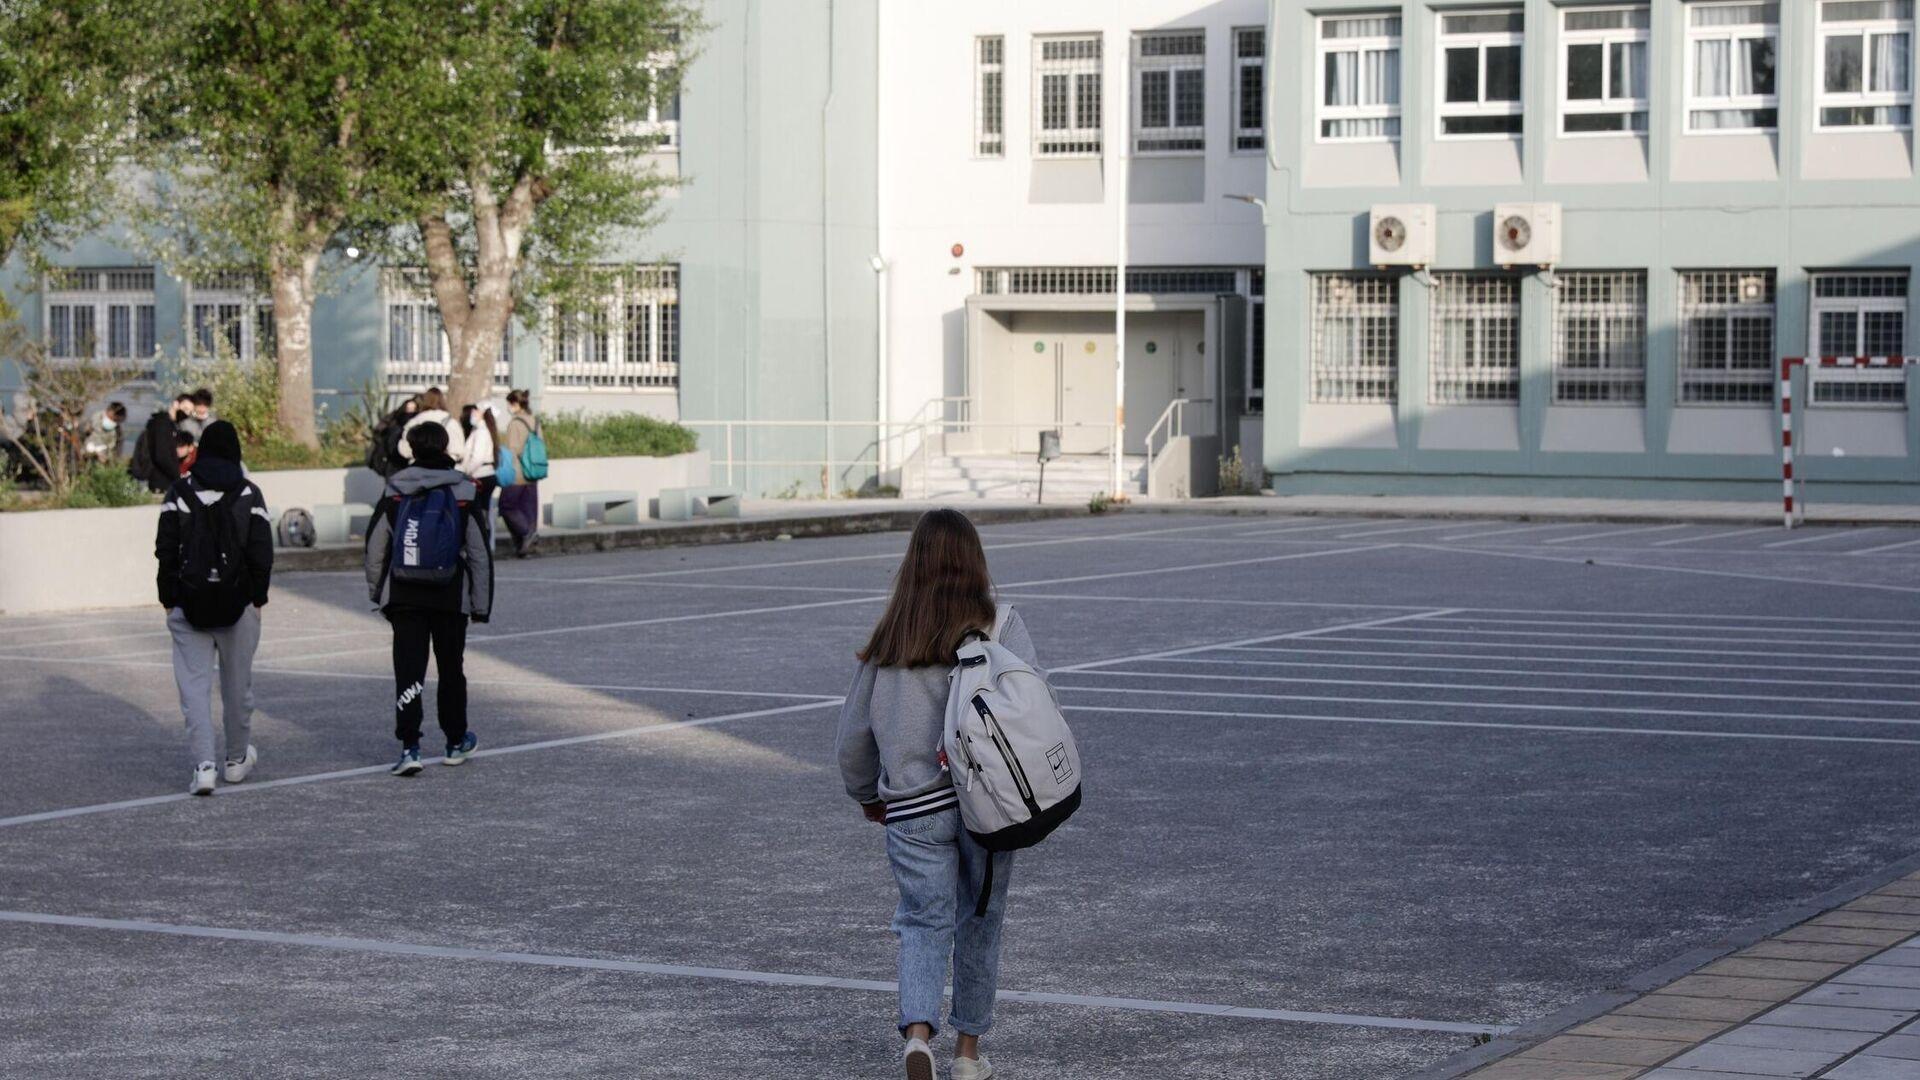 Σχολείο στη Θεσσαλονίκη - Sputnik Ελλάδα, 1920, 28.09.2021